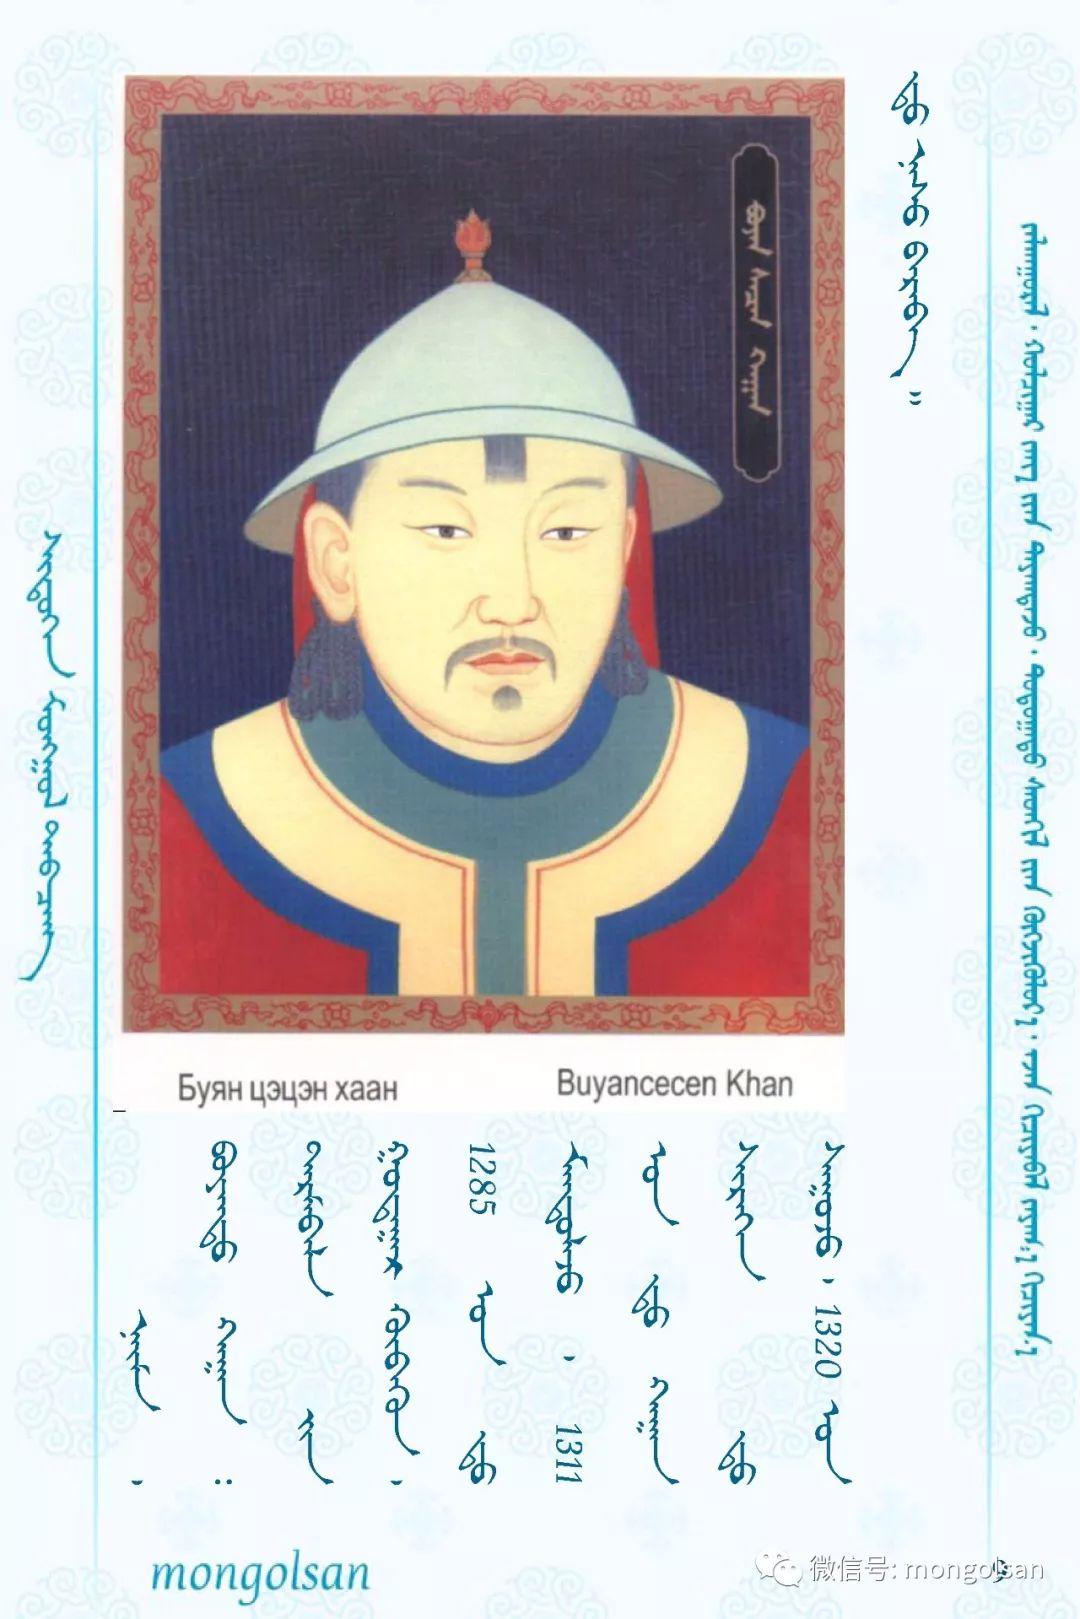 【关注】蒙古皇帝列表 第9张